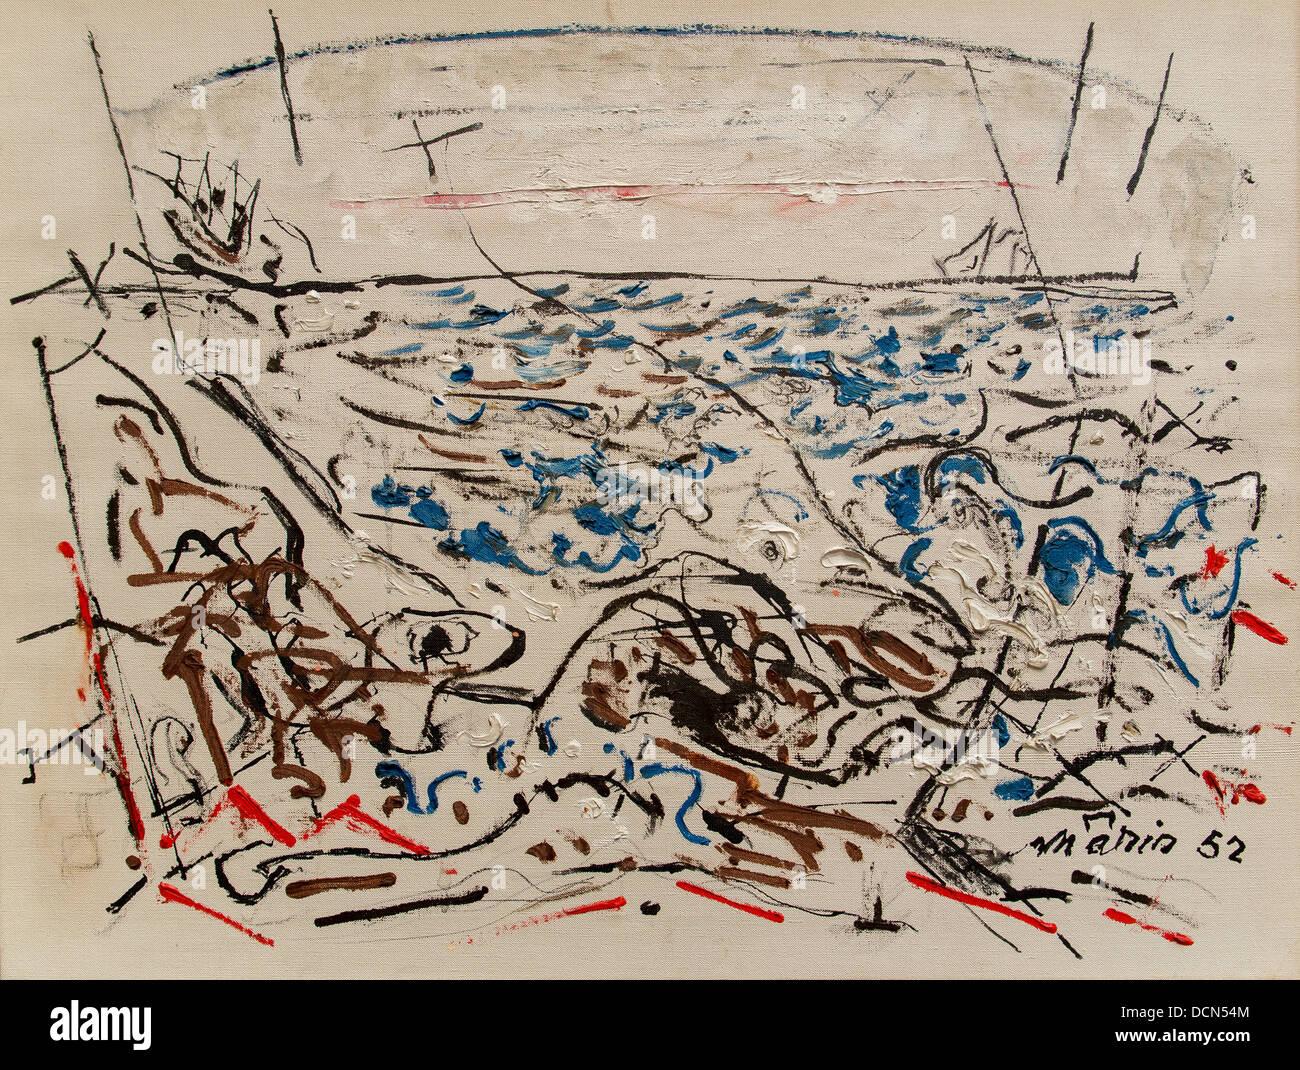 20th century  -  The written sea - John Marin (1952) Philippe Sauvan-Magnet / Active Museum - Stock Image